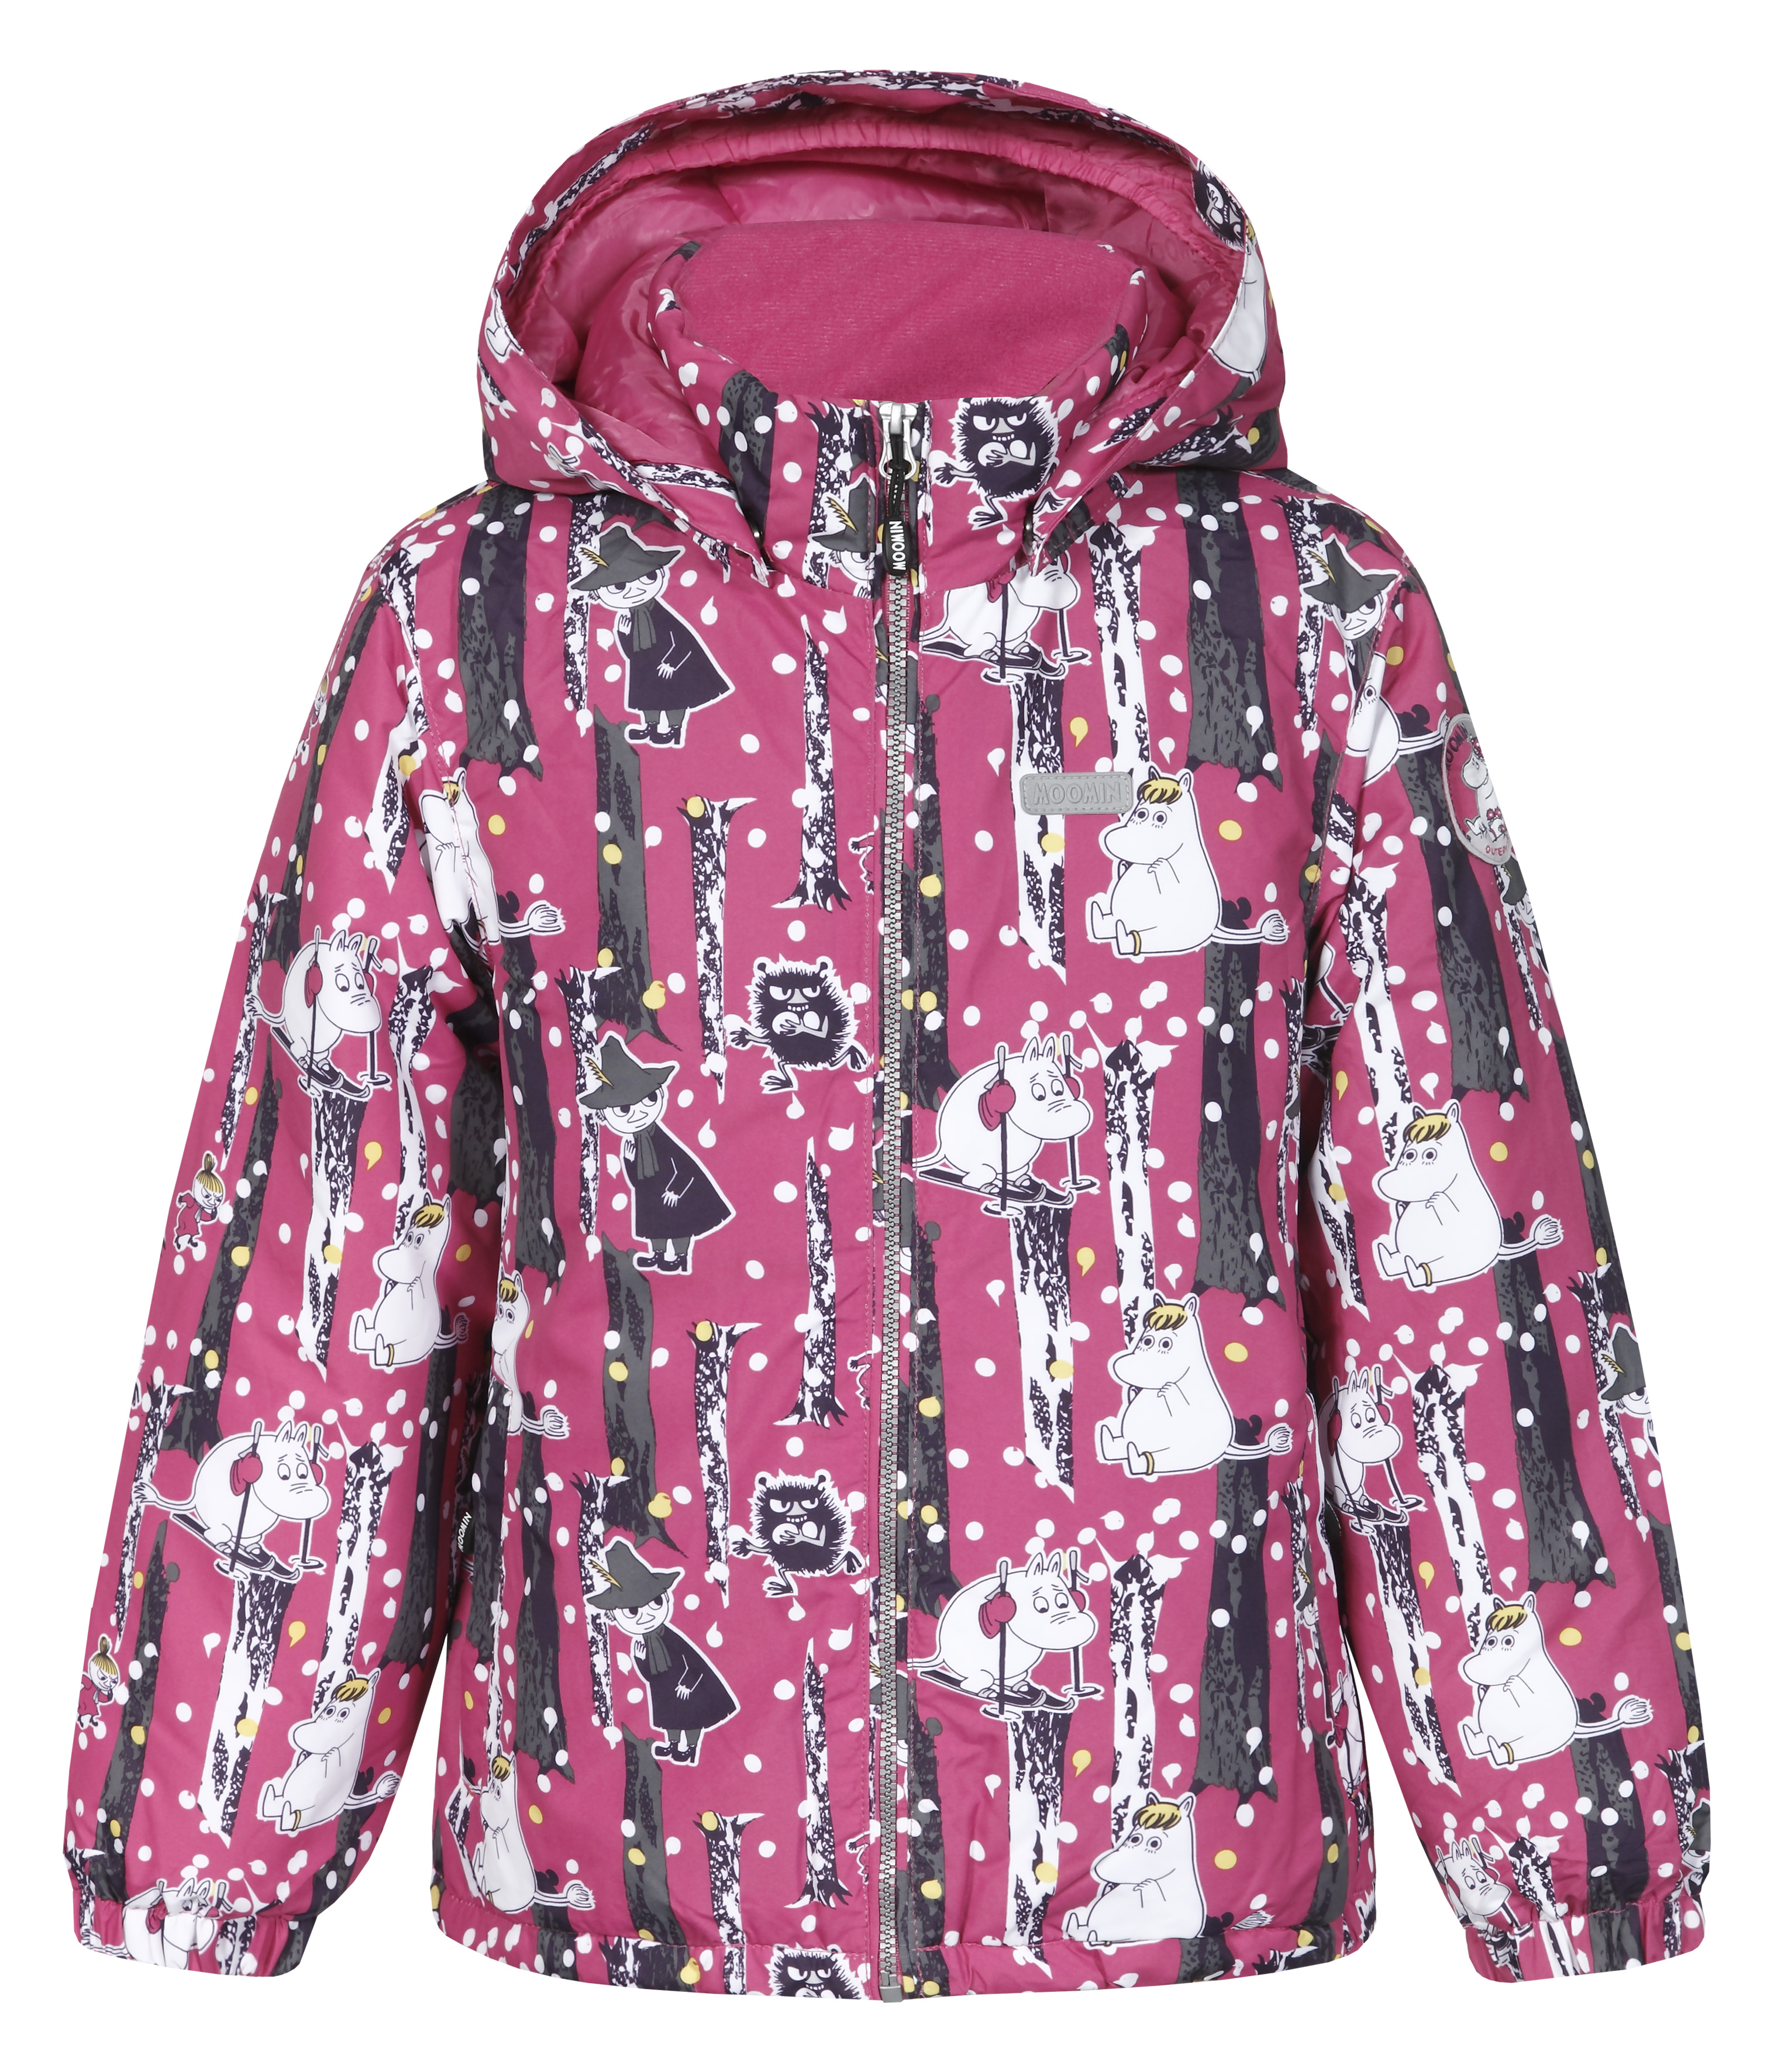 L-Fashion Group Oy - Kids unisex padded Jacket